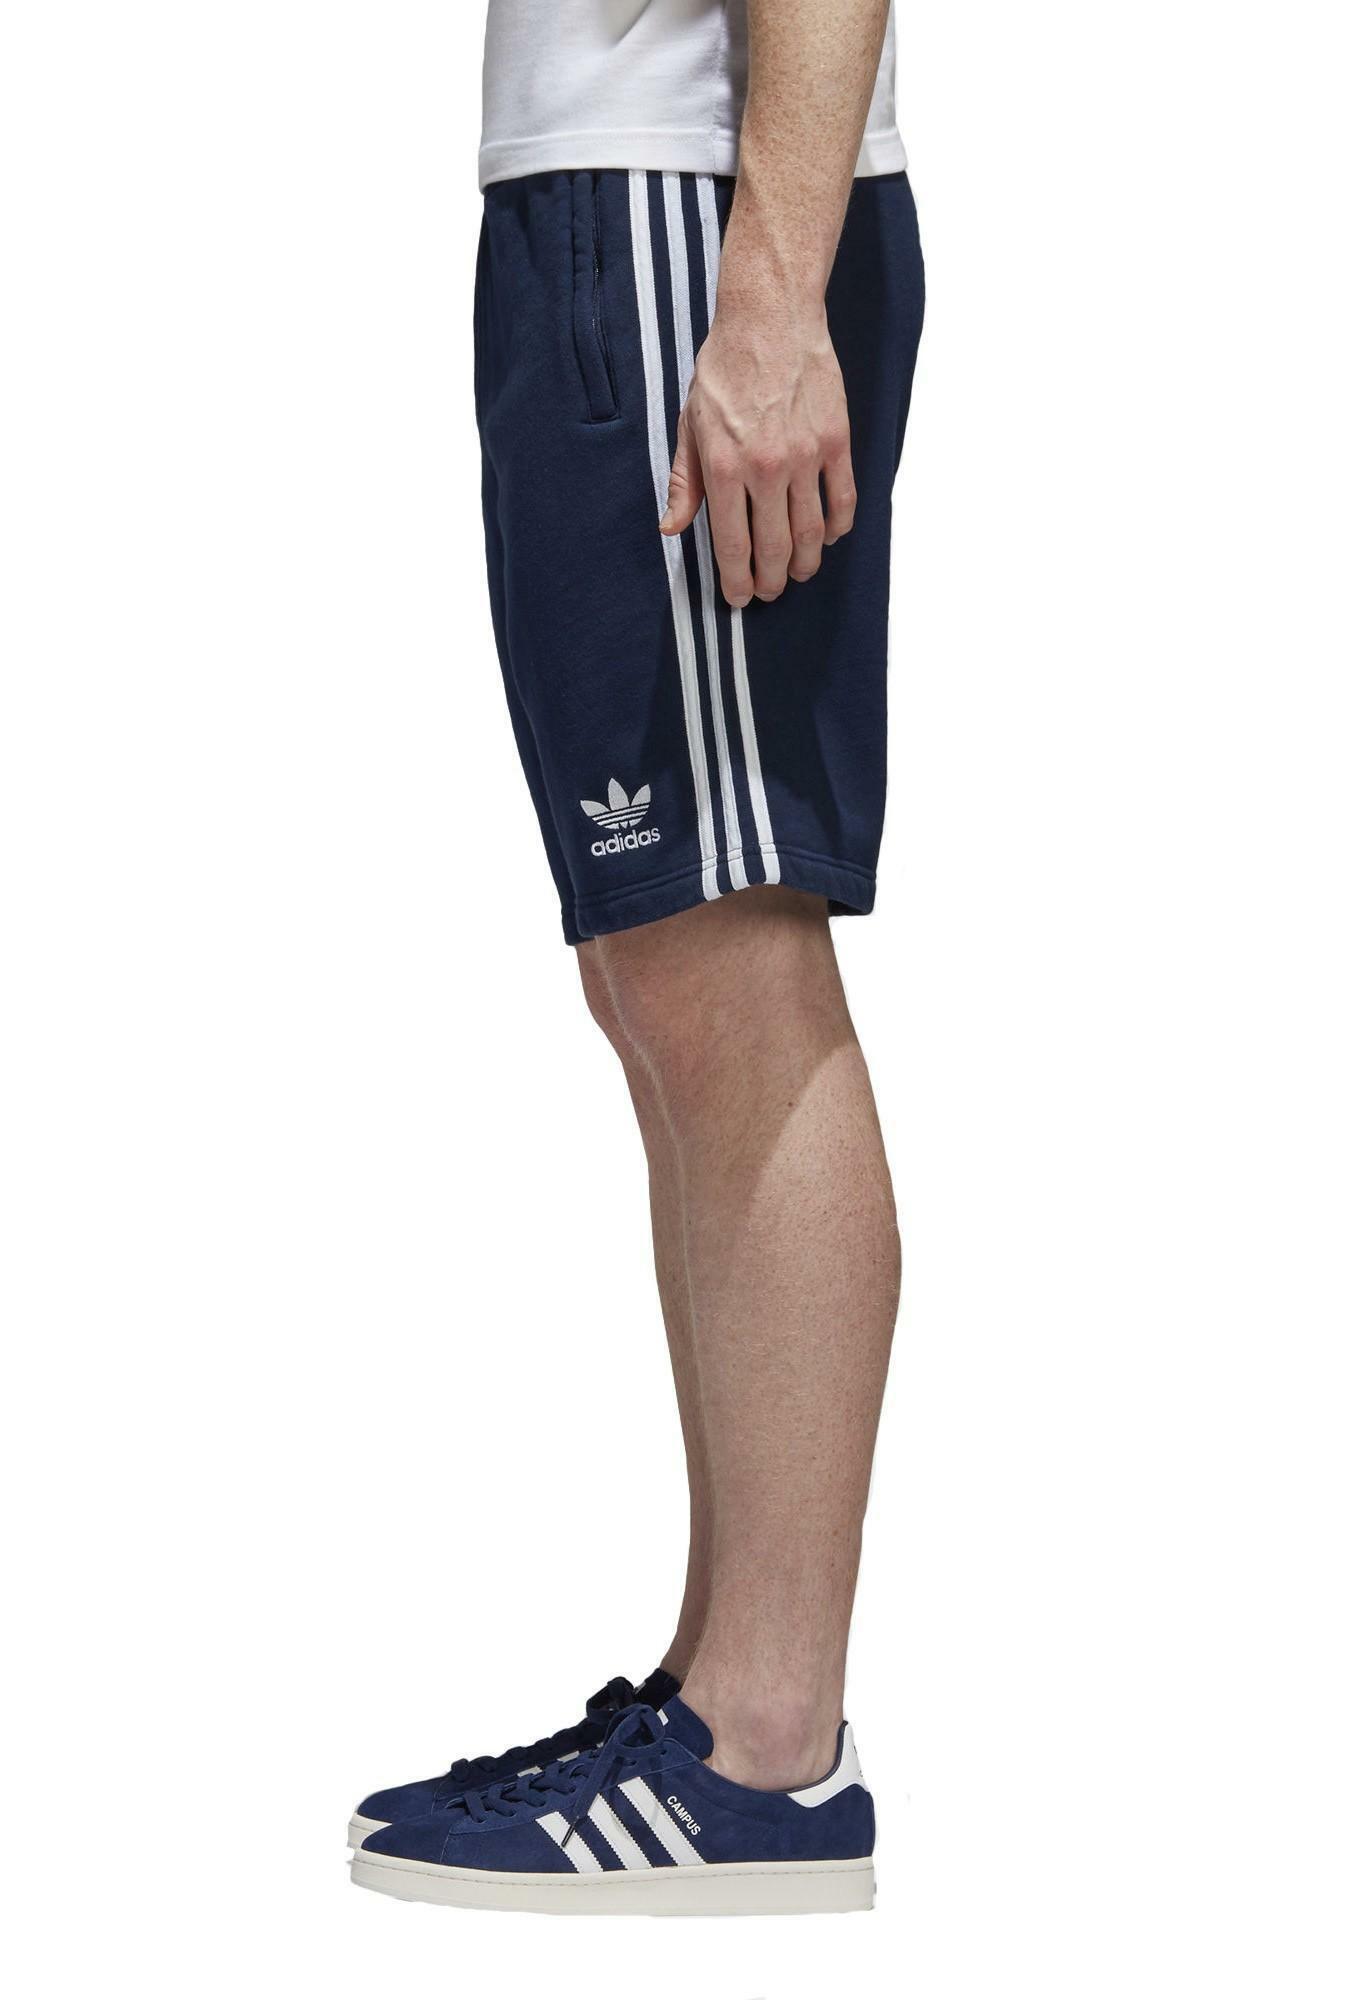 adidas adidas 3-stripes pantaloncini uomo blu cw2438